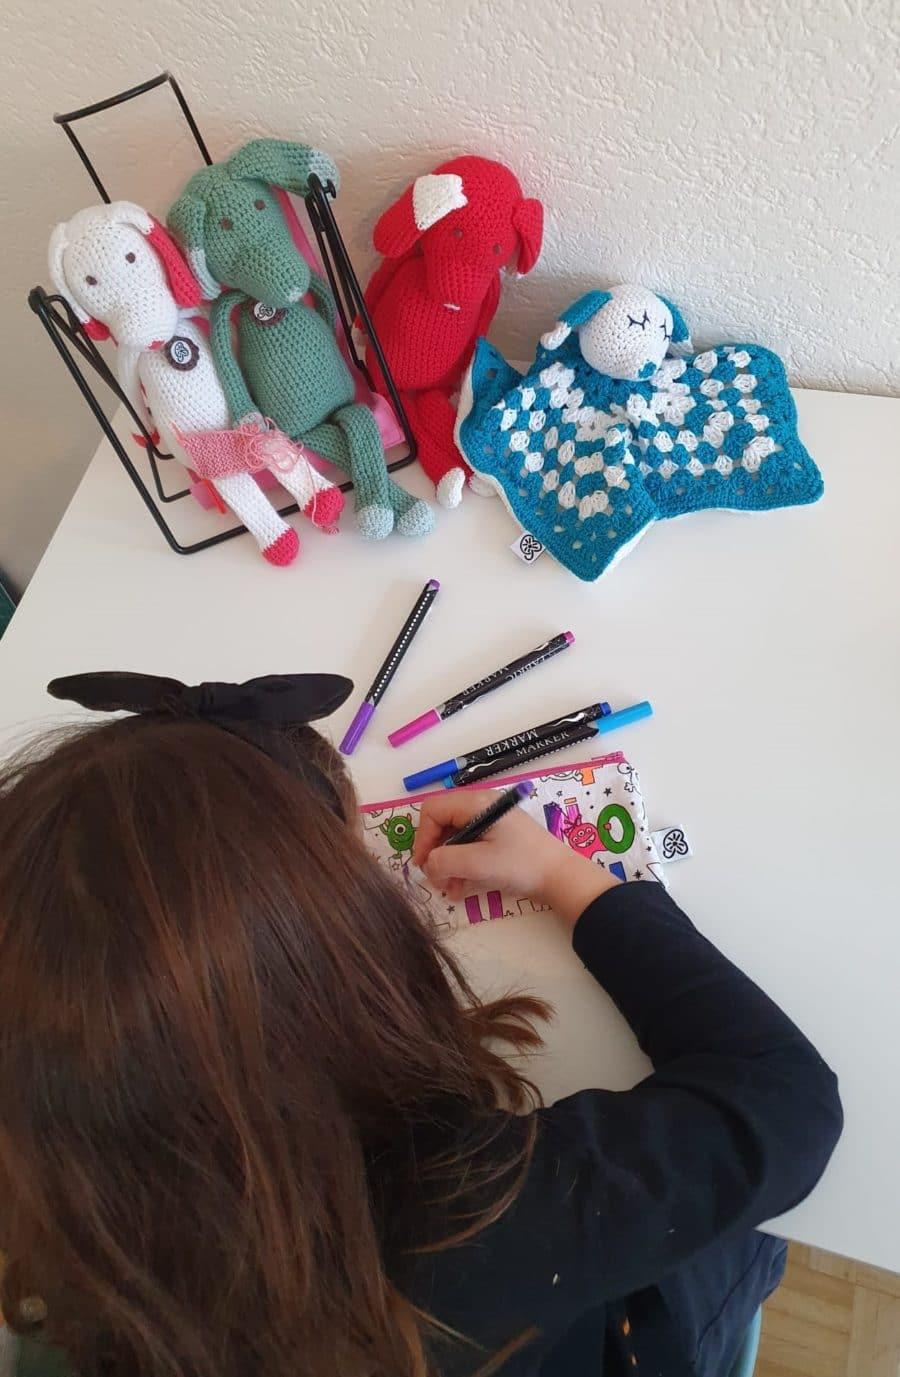 profil d'une enfant coloriant une trousse à colorier unique personnalisée swiss made éco-friendly